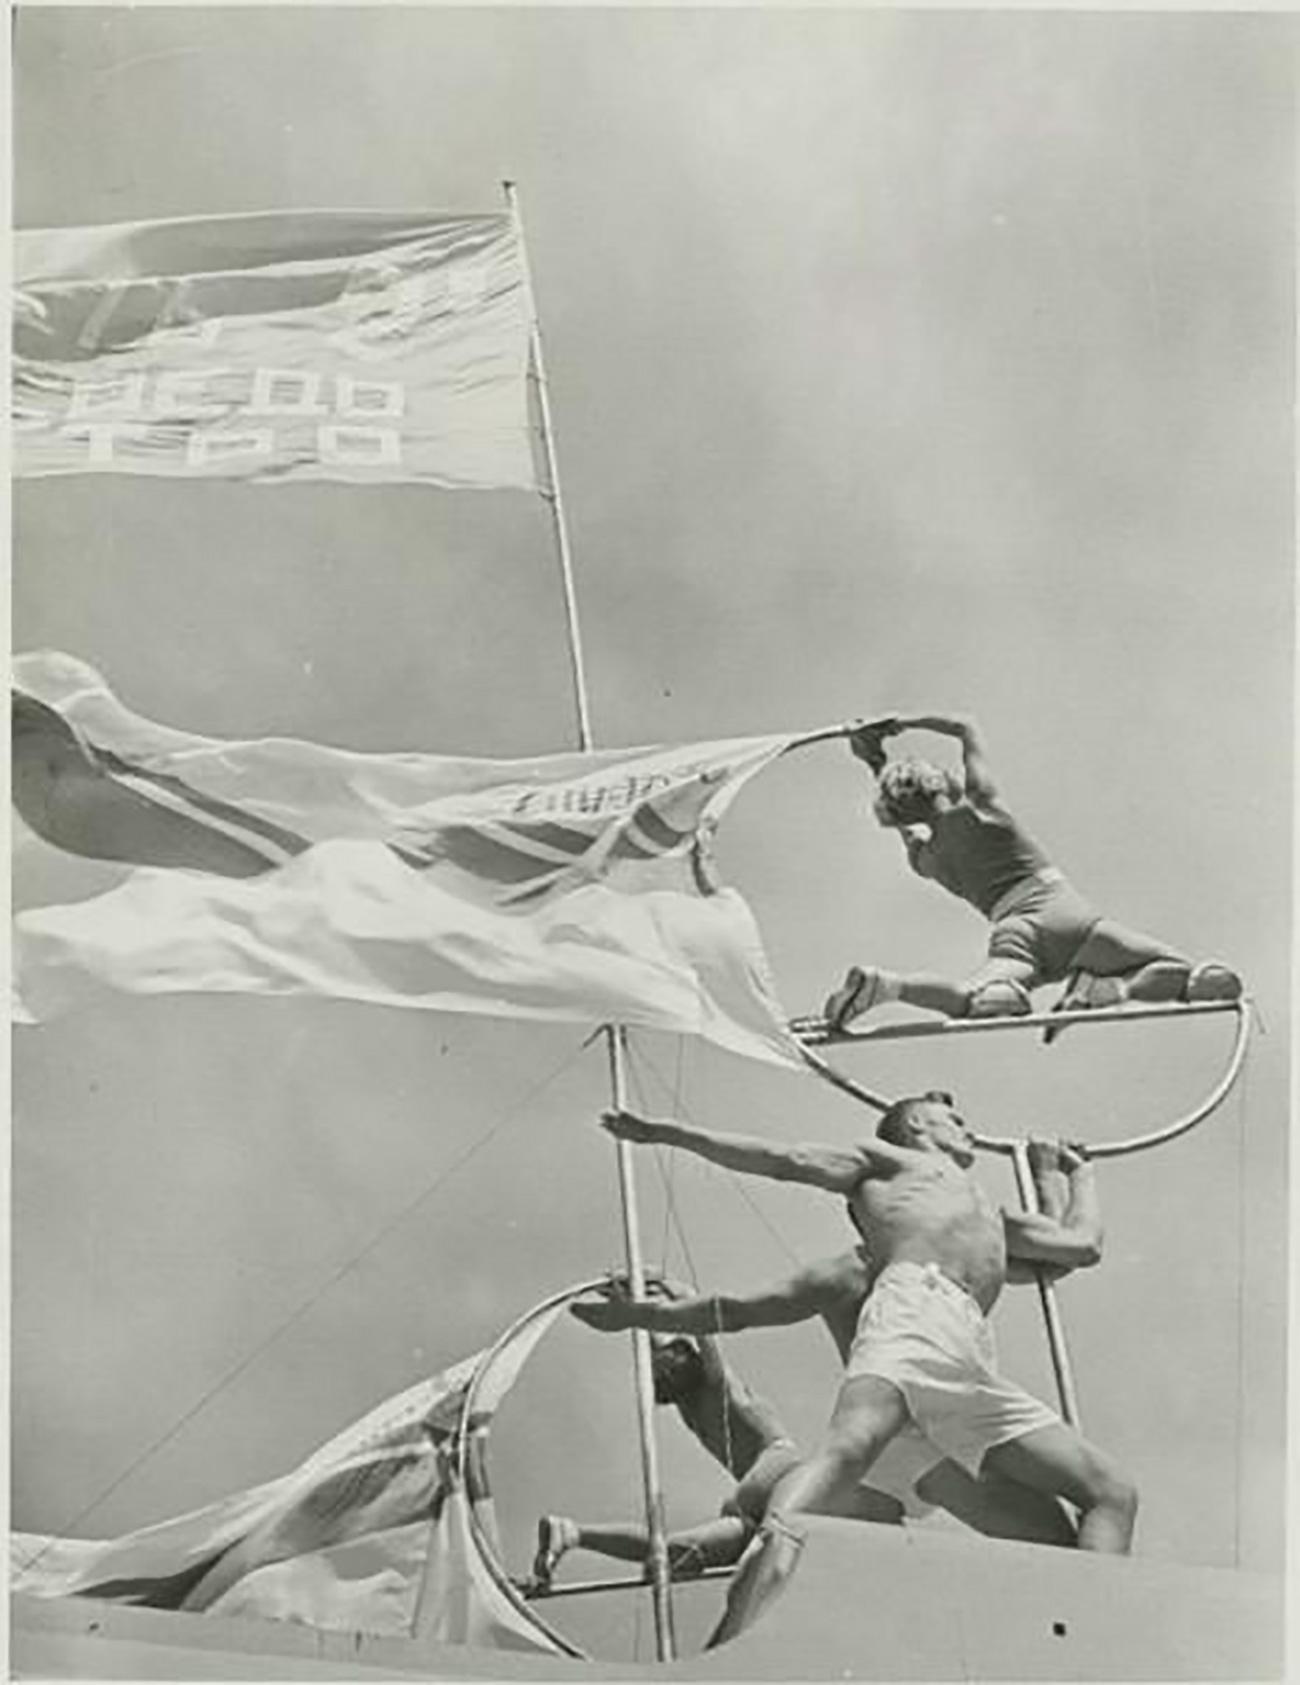 """La prima sfilata, passata alla storia come """"la sfilata degli atleti"""", si tenne in Piazza Rossa a Mosca nel 1919, un anno particolarmente difficile per il Paese, in piena guerra civile"""